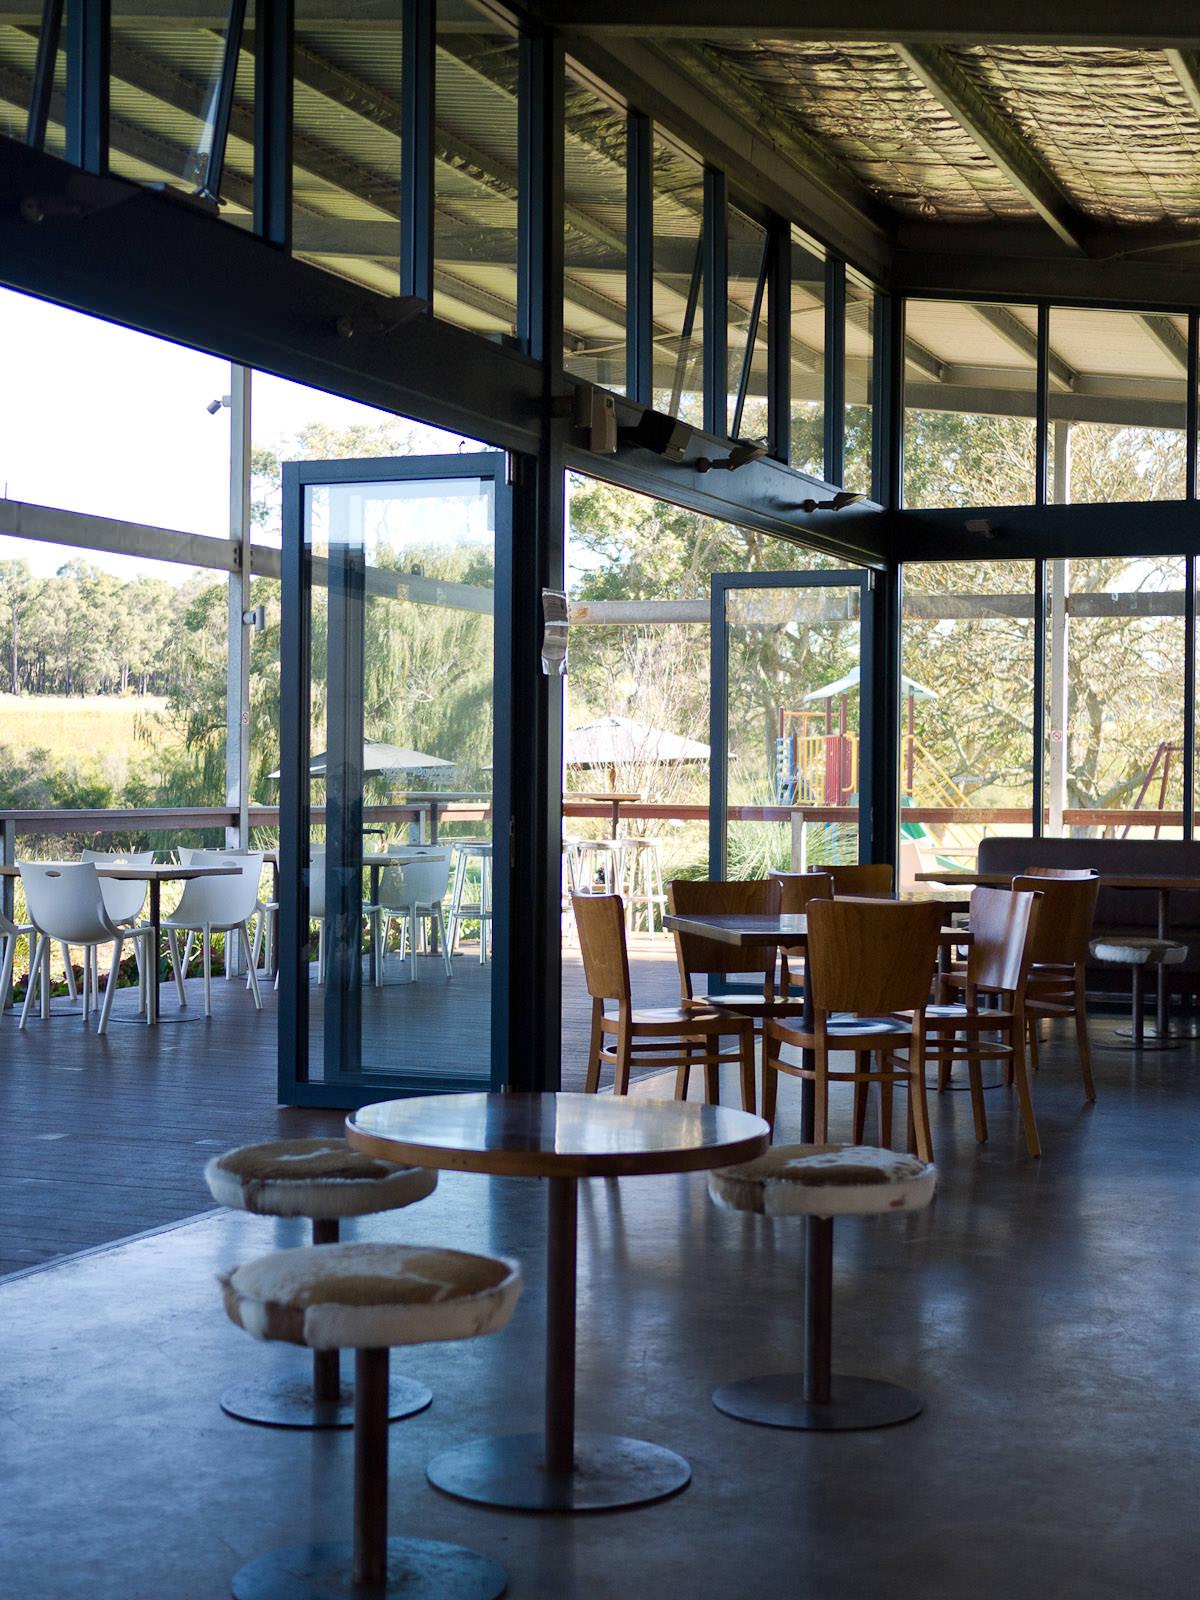 Cowaramup Brewing Company - interior